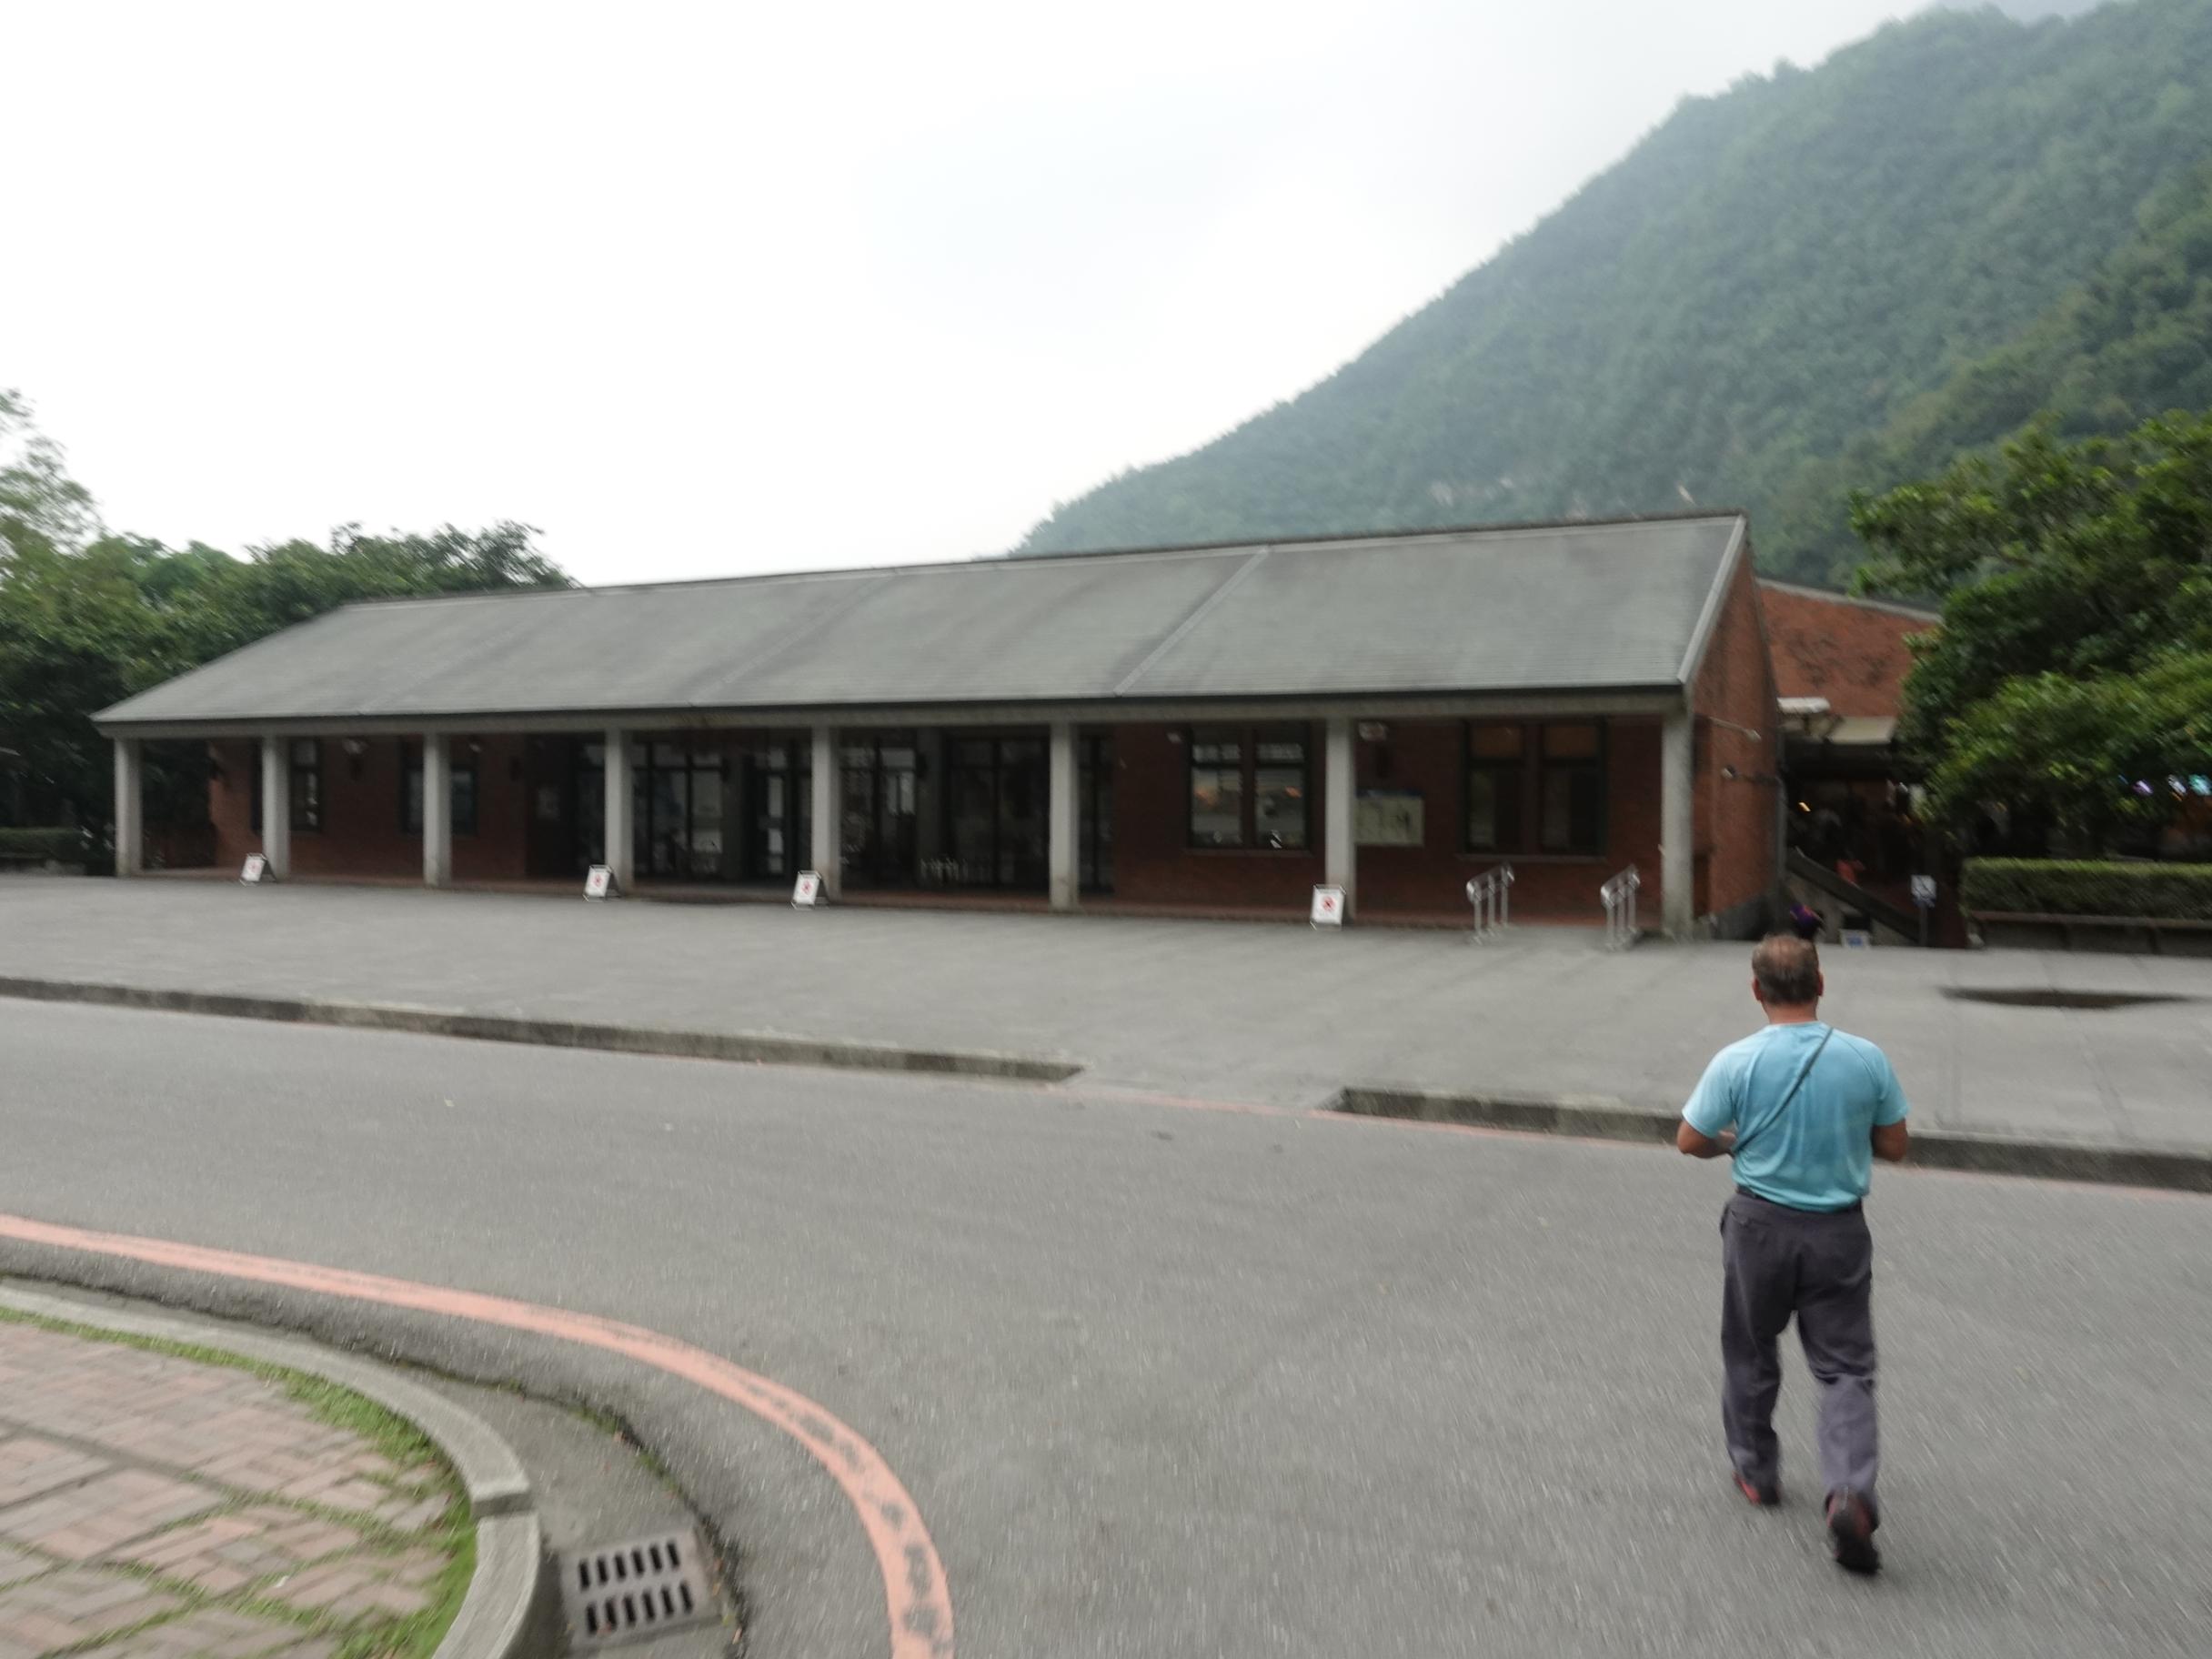 [대만 화롄] 셋째날 - #04. 타이루거 협곡 Part 03. 타이루거 협곡 원주민 식당? 타이루거 관광 안내소  점심